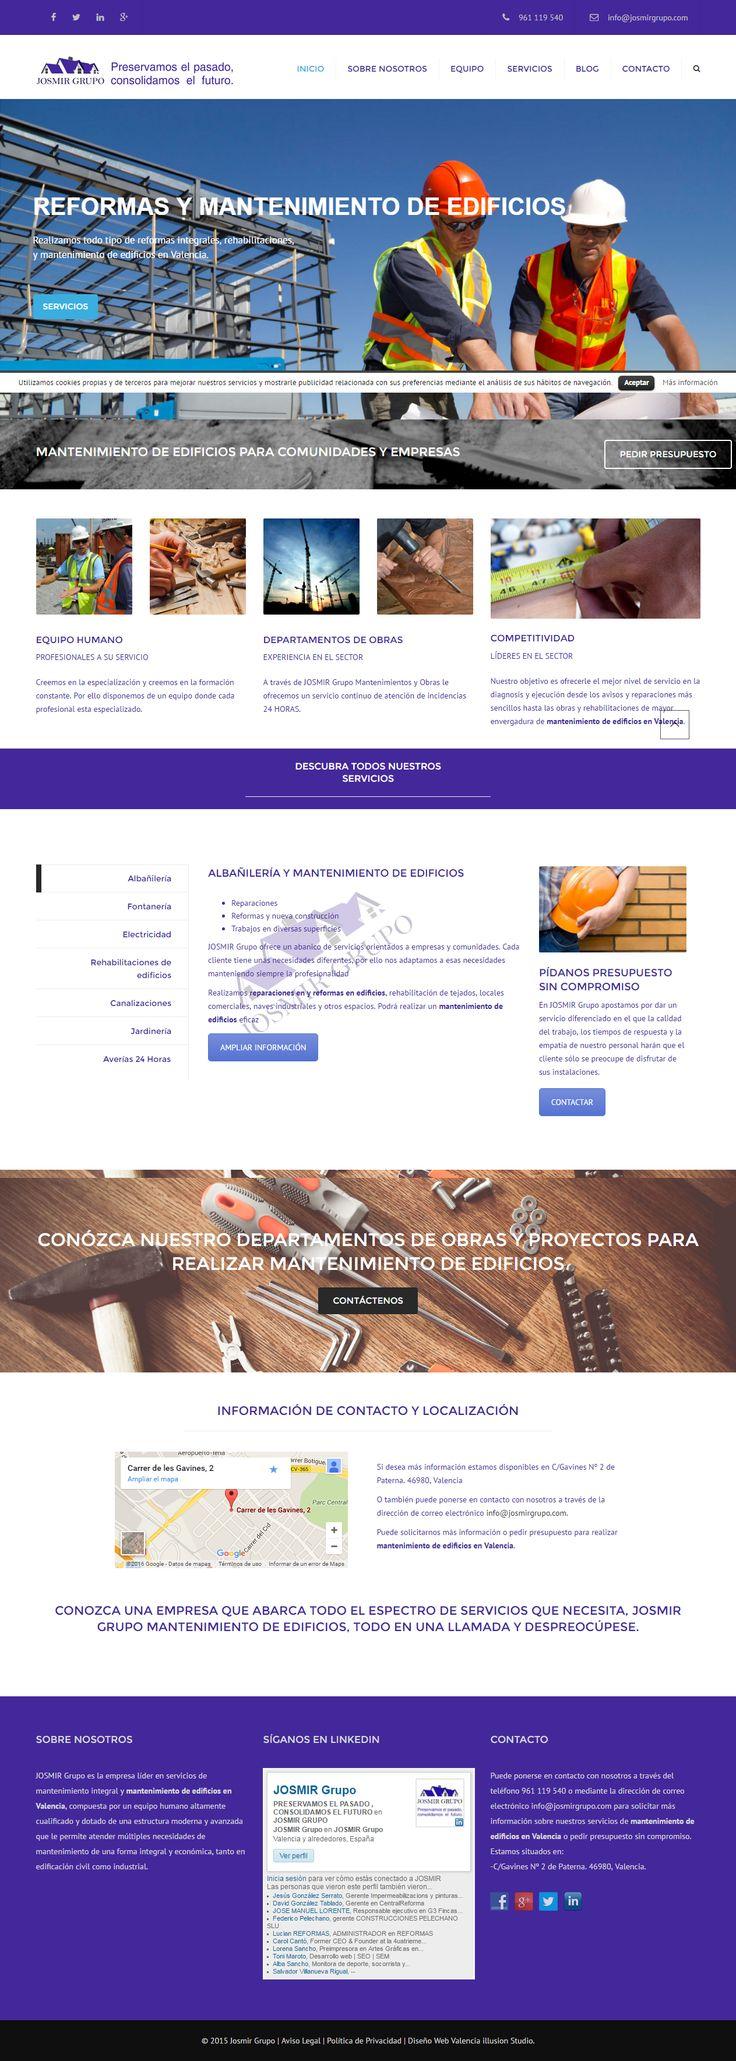 Proyecto web para JOSMIR Grupo, empresa especializada en construcción y mantenimiento integral con un amplio abanico de servicios orientados tanto a particulares como a empresas y comunidades de vecinos.